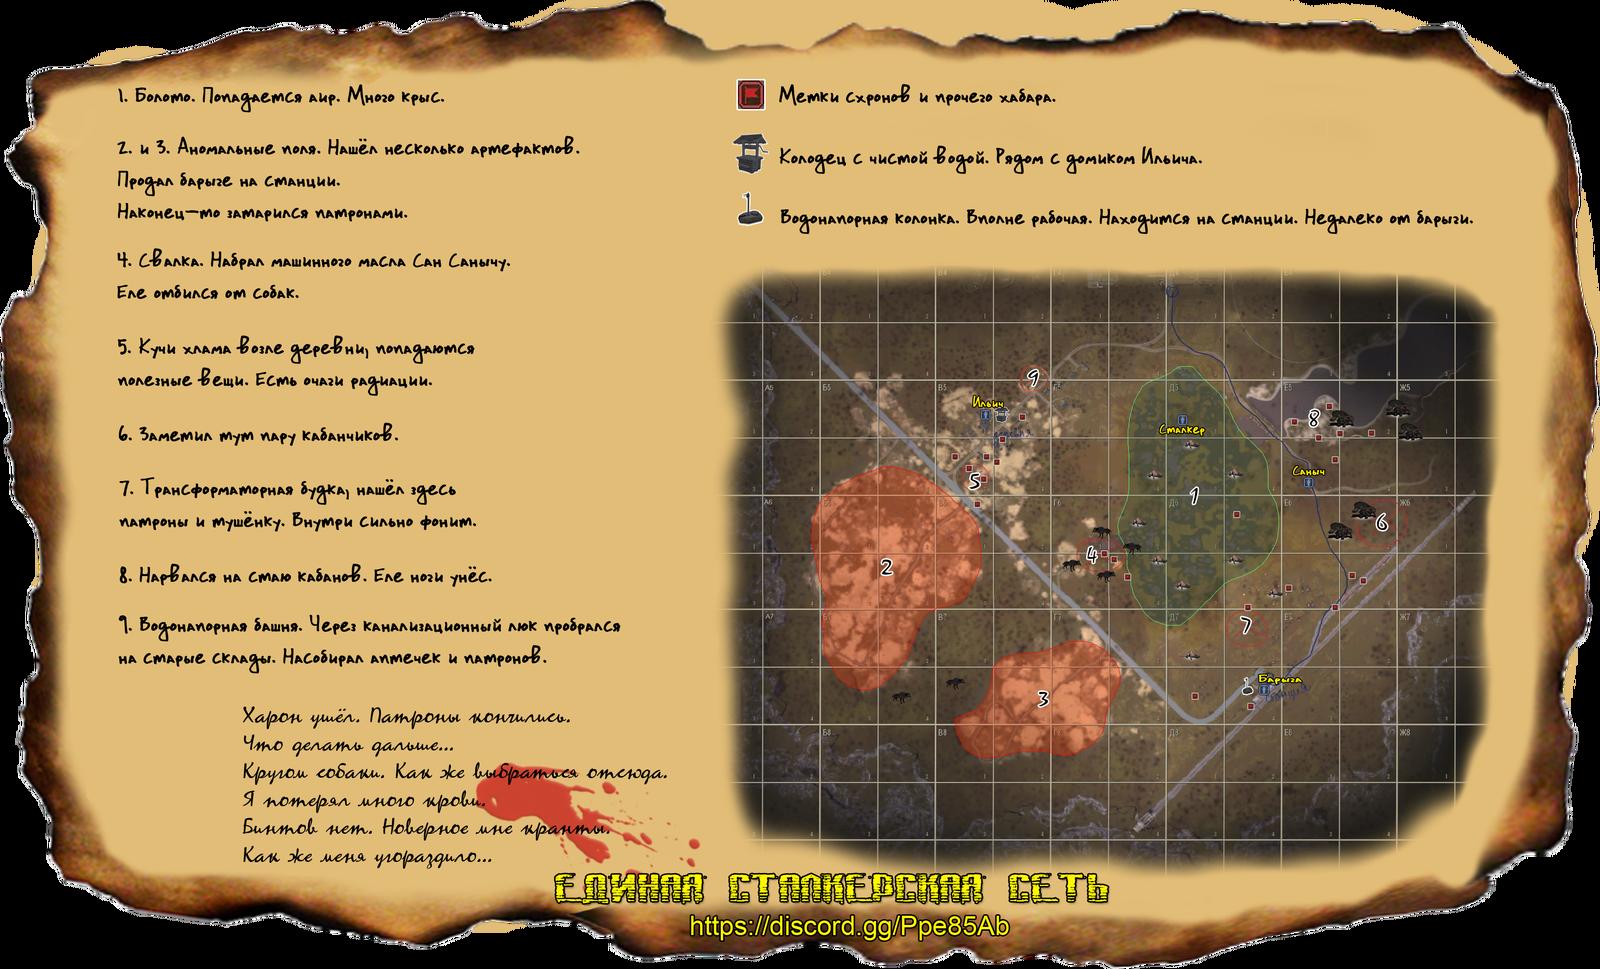 Как играть сталкер онлайн карта карта пиратов онлайн играть бесплатно